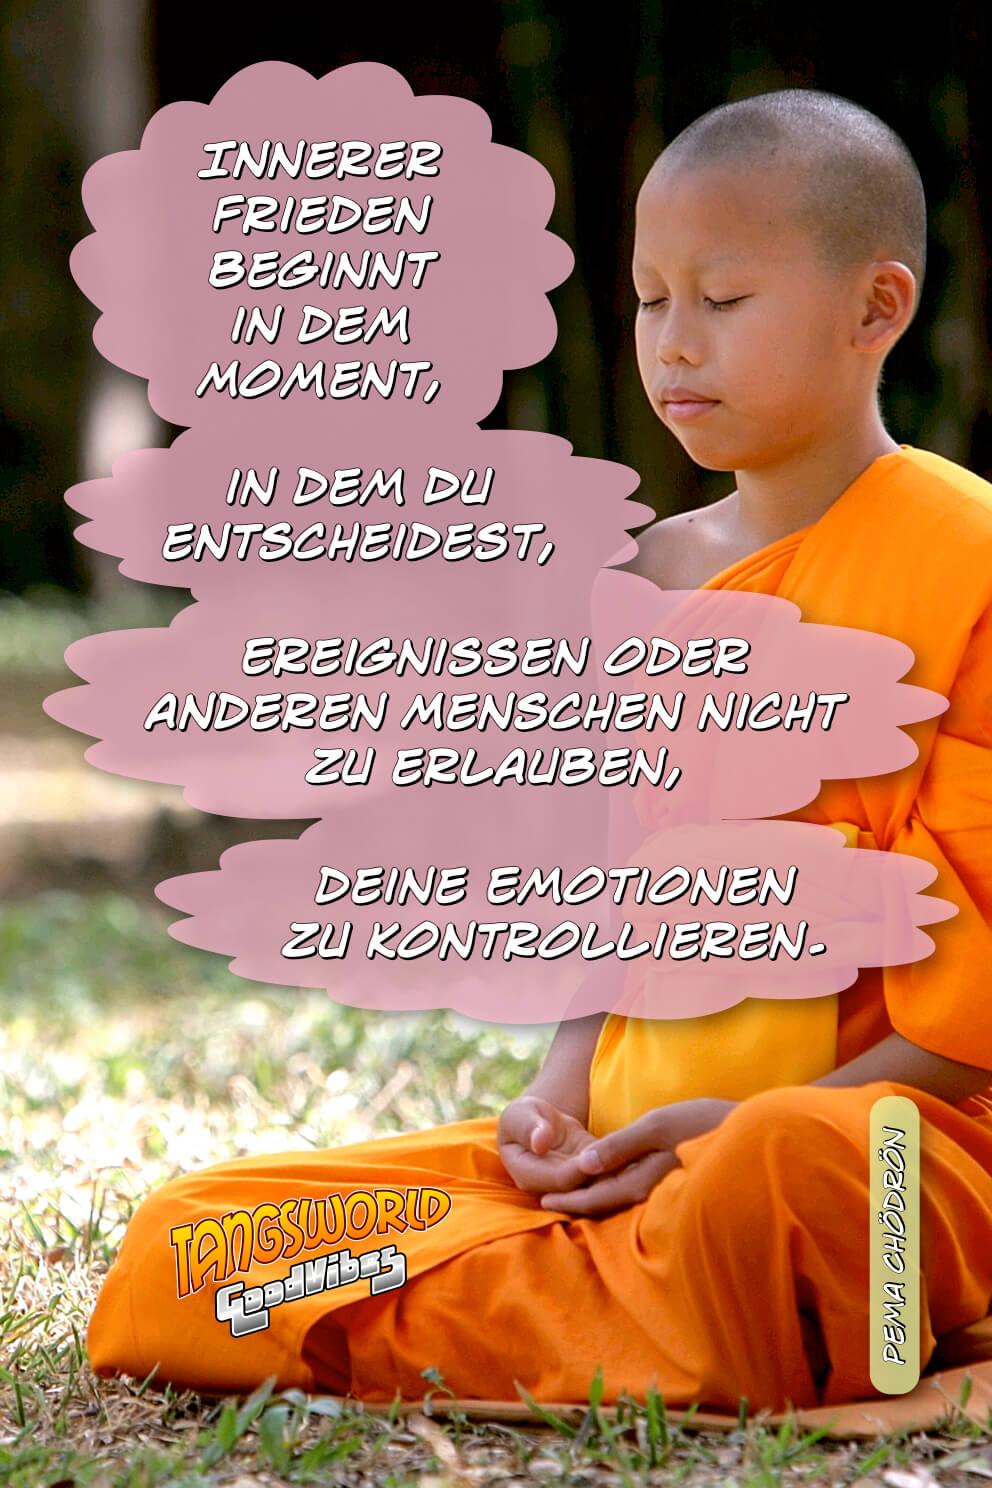 Innerer Frieden beginnt in dem Moment, in dem Du entscheidest, Ereignissen oder anderen Menschen nicht zu erlauben, deine Emotionen zu kontrollieren. - GoodVibes | Pema Chödrön